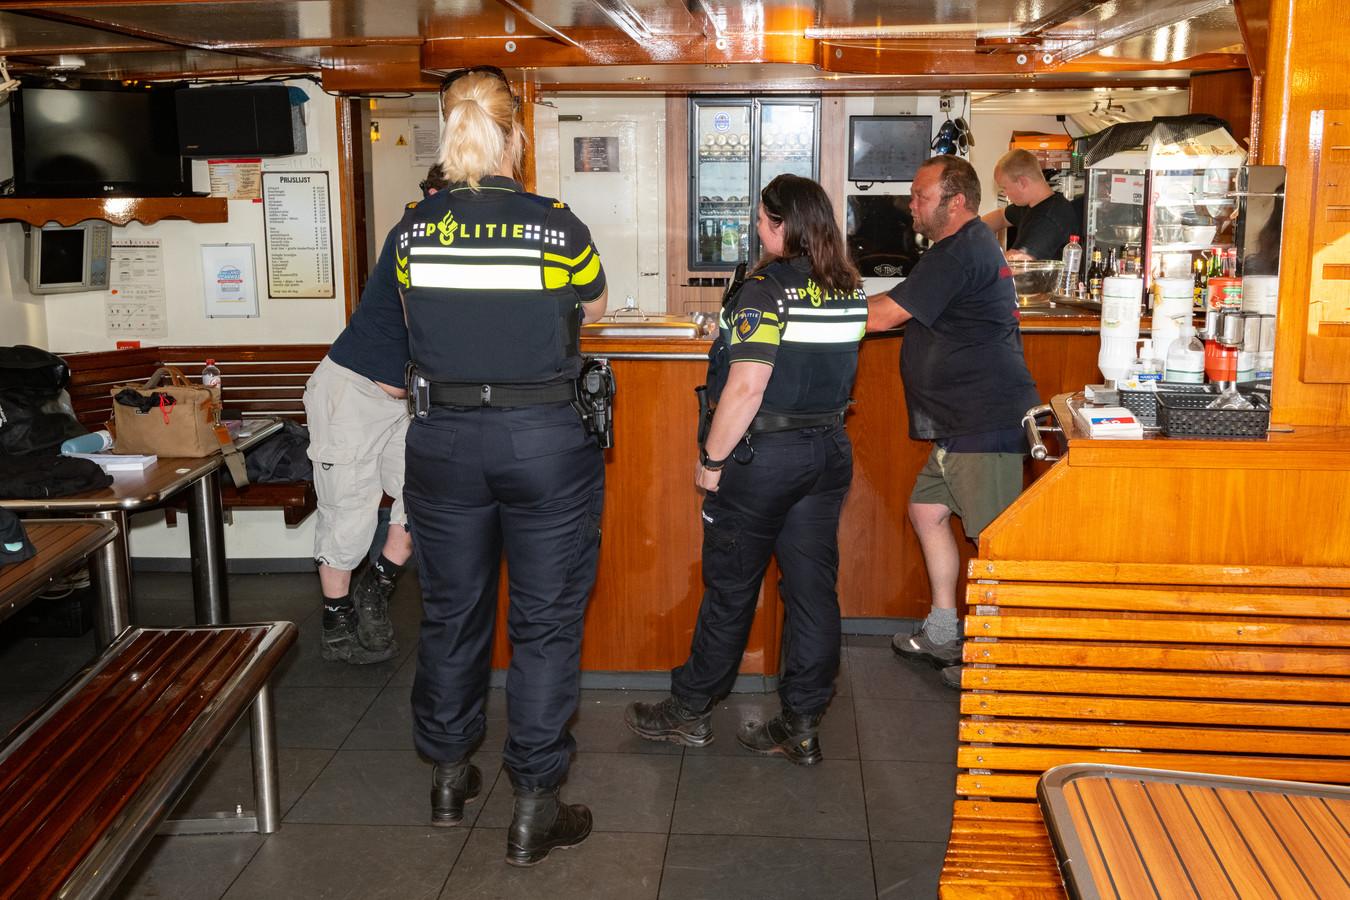 Politie aan boord van de MS Tender.